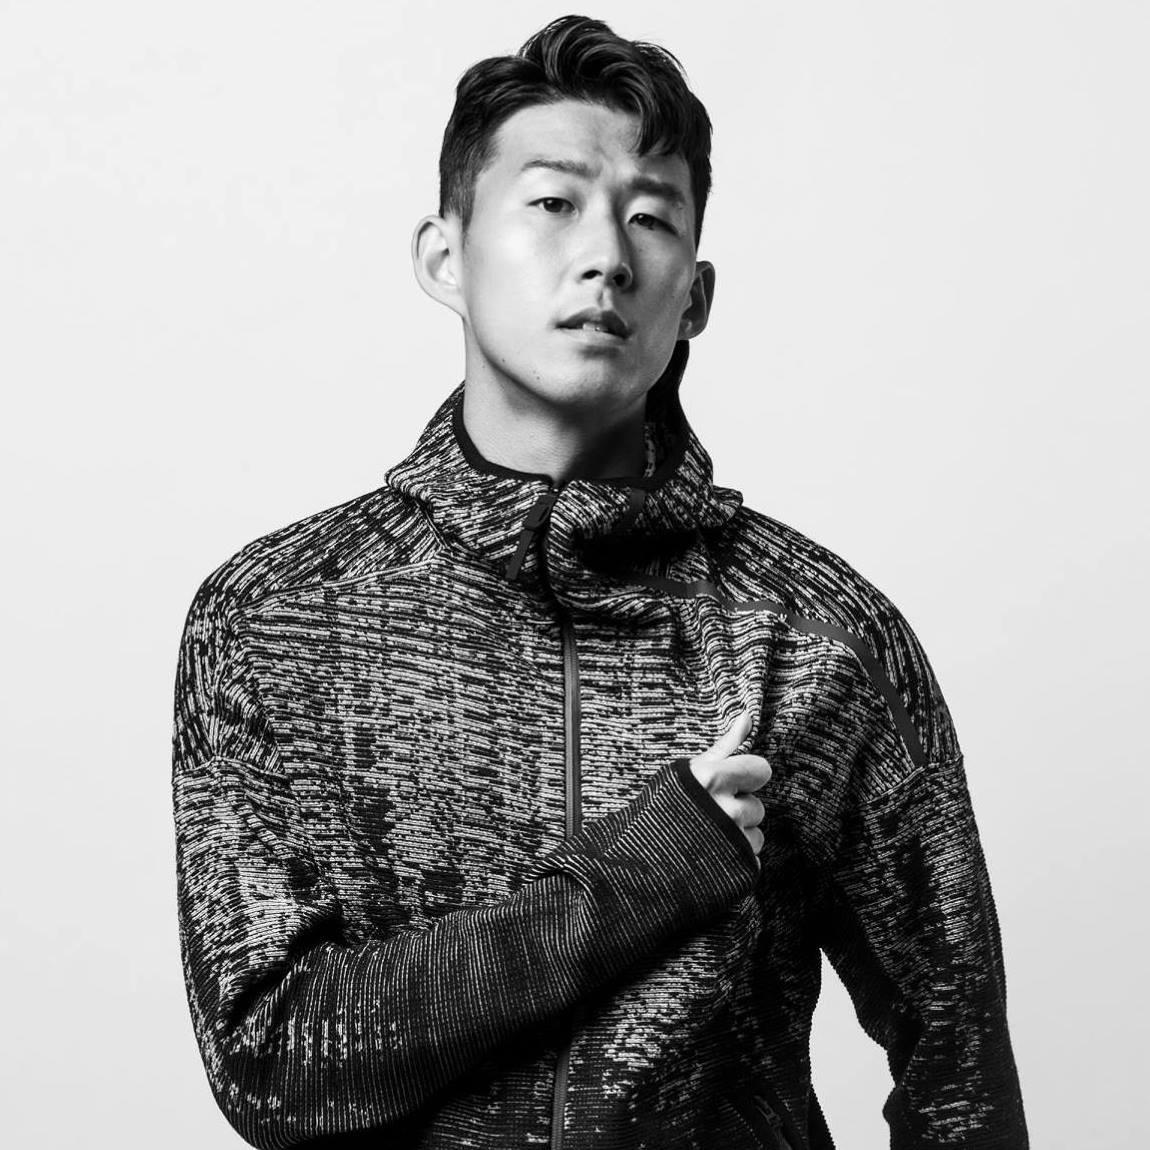 Cầu thủ Hàn Quốc Son Heung-min siêu dễ thương với đôi mắt một mí - Ảnh 2.